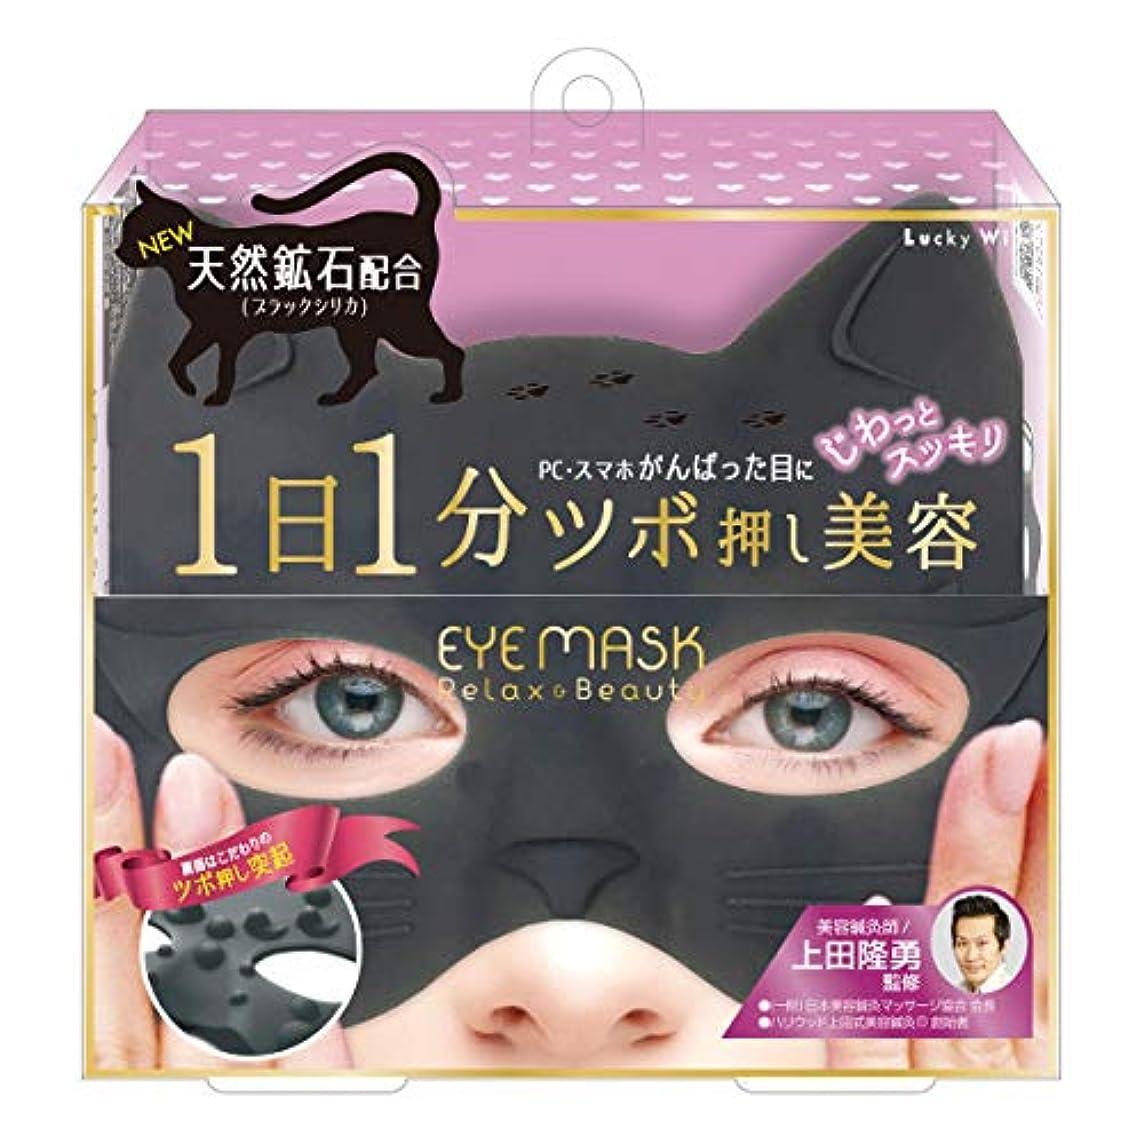 新年発疹倍増ツボ押し美容 目まわりすっきりアイマスク(ブラックシリカ) SMK1000